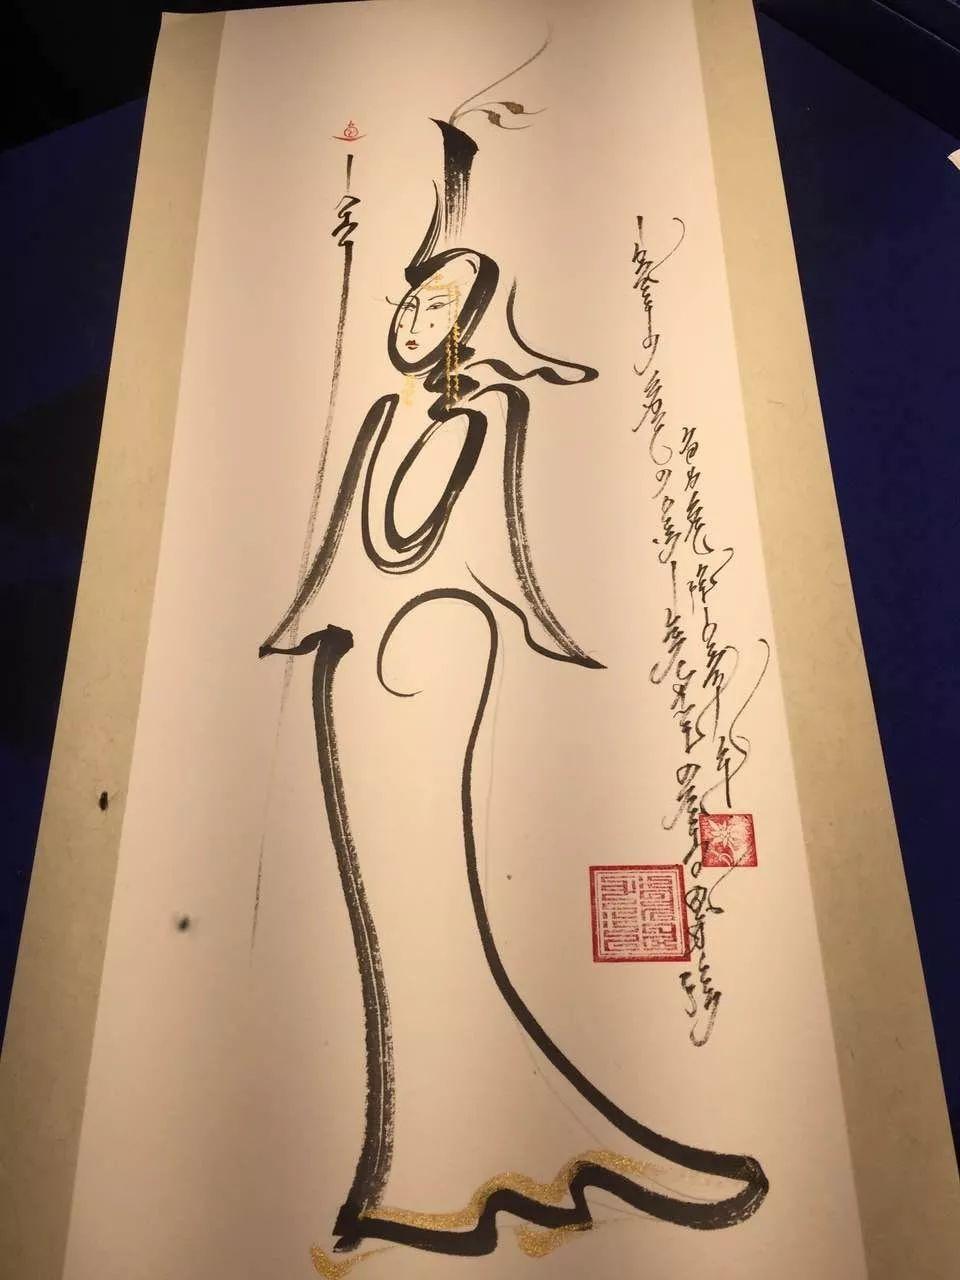 """蒙古国年轻画家展现文字艺术:  蒙古文字在他笔下""""活""""起来了 第4张 蒙古国年轻画家展现文字艺术:  蒙古文字在他笔下""""活""""起来了 蒙古书法"""